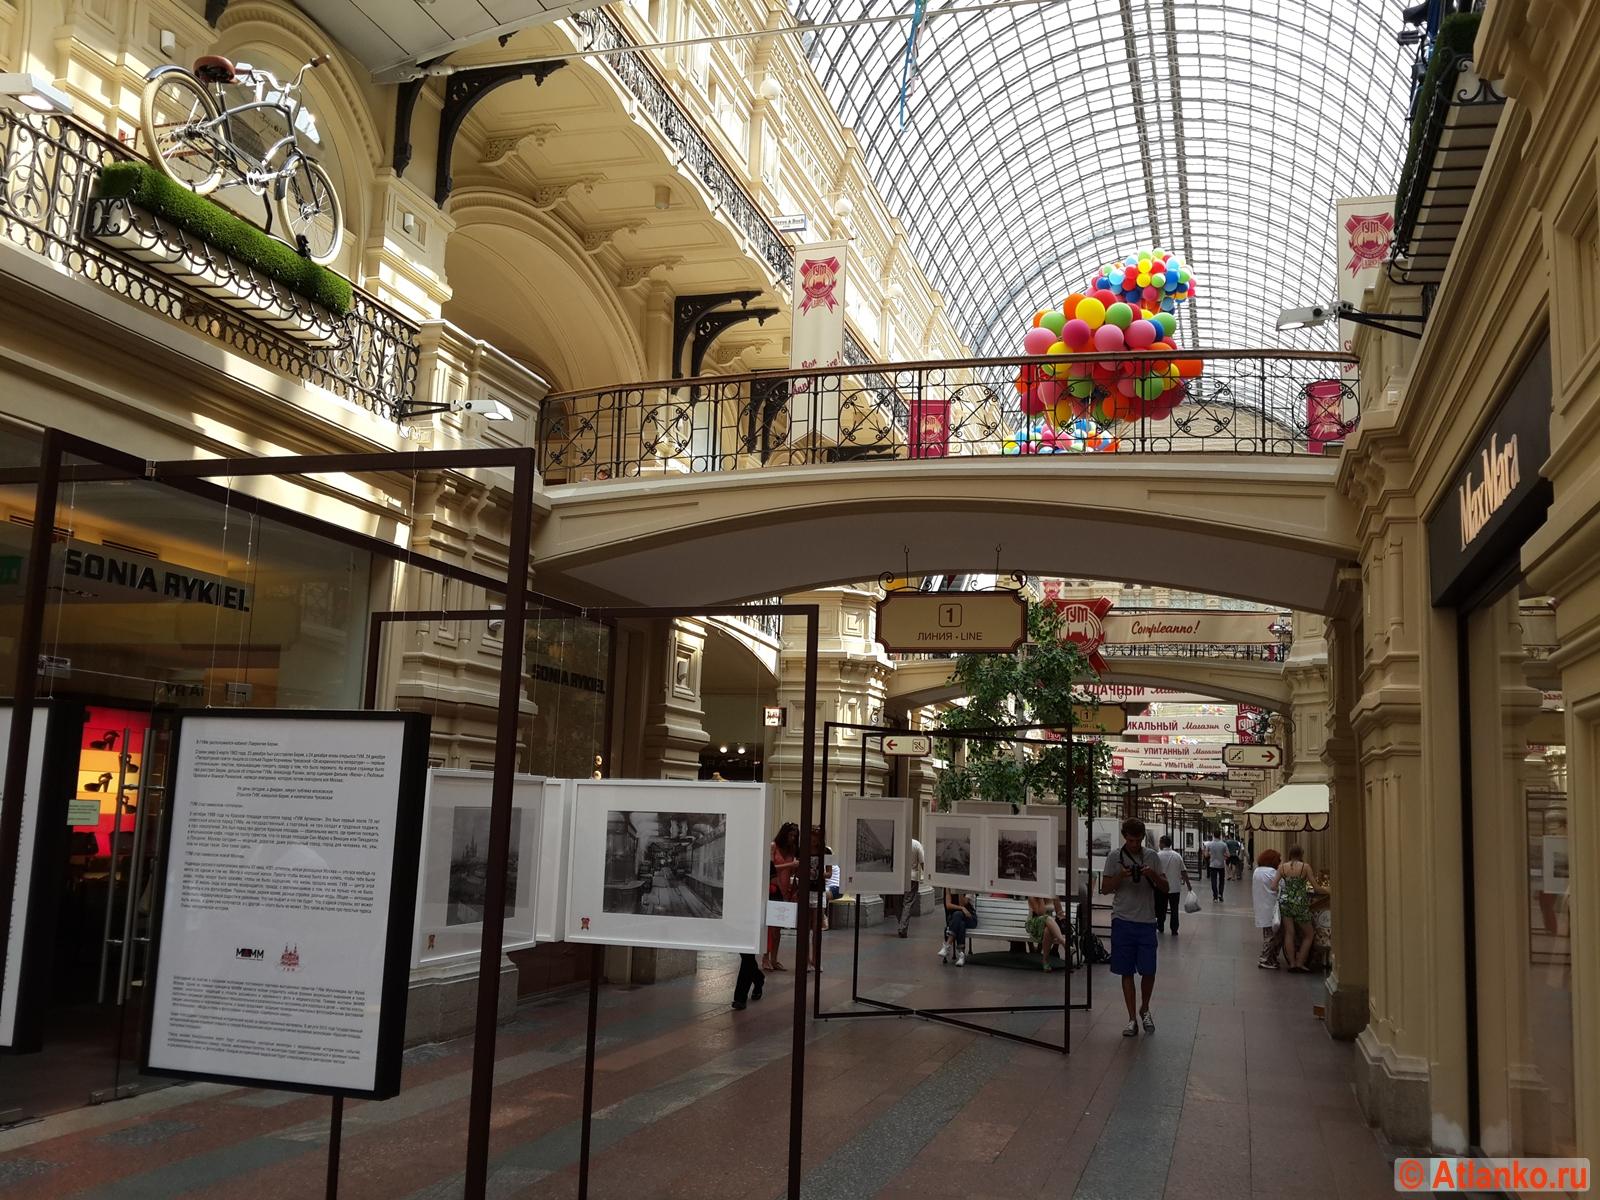 ГУМ - Главный универсальный магазин, внутренний интерьер здания. Москва. Фотография